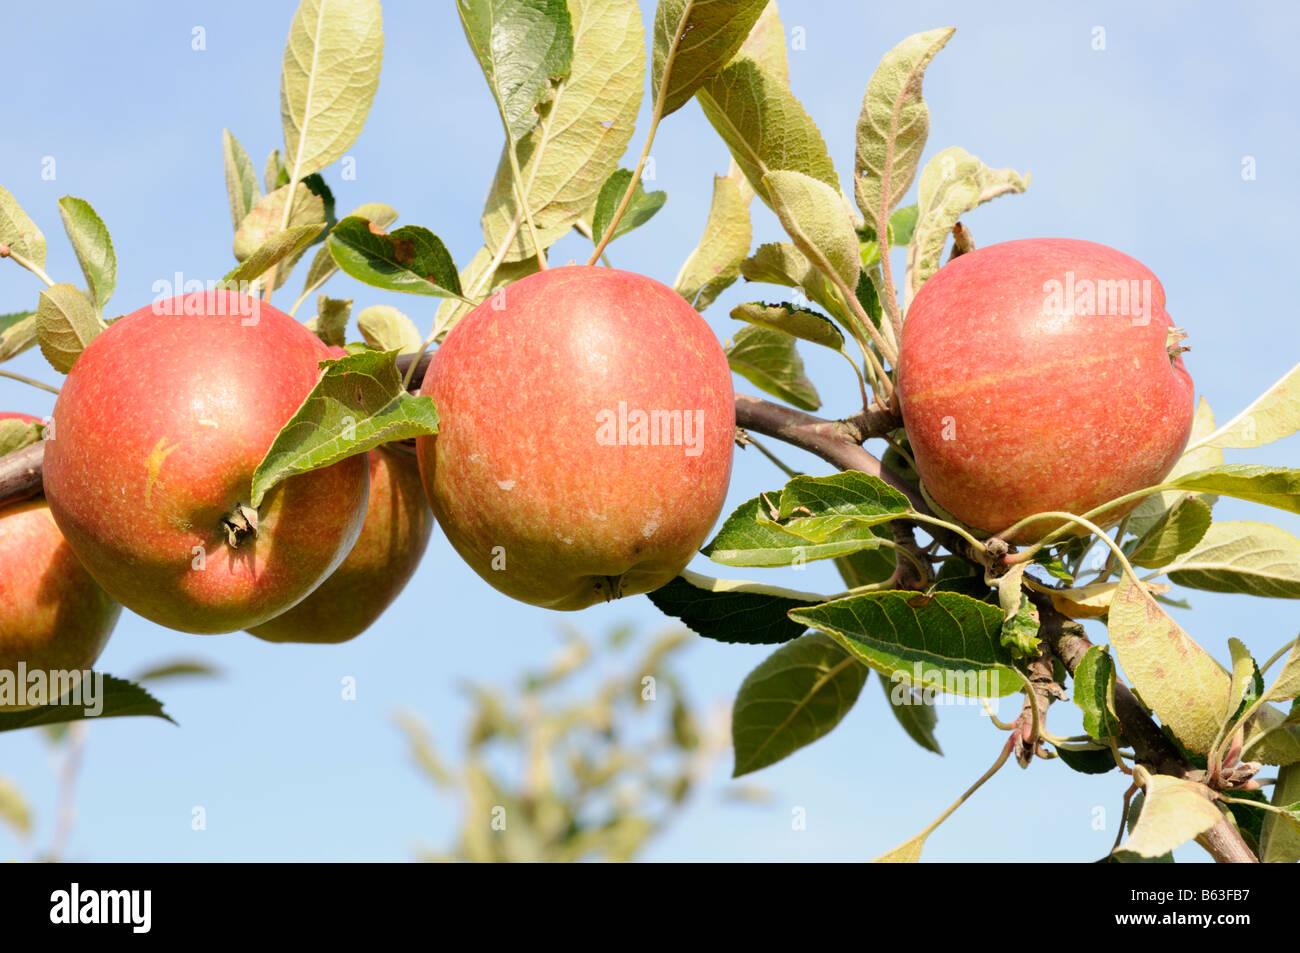 Reife Äpfel am Zweig Altes Land Niedersachsen Deutschland Ripe apples on a branch Altes Land Lower Saxony Germany - Stock Image